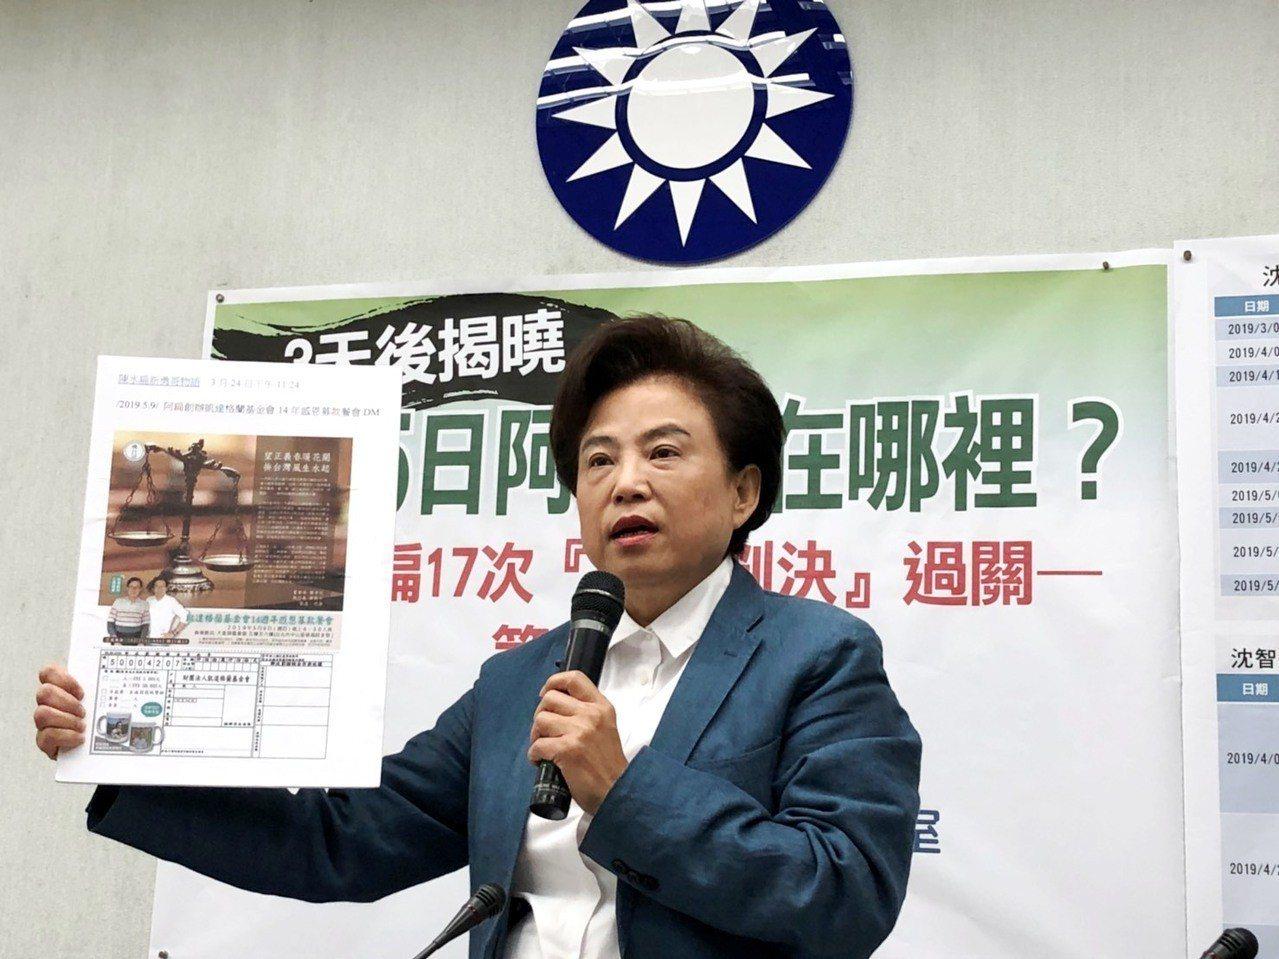 沈智慧質疑陳水扁是否會第18度成功展延保外就醫。記者賴于榛/攝影